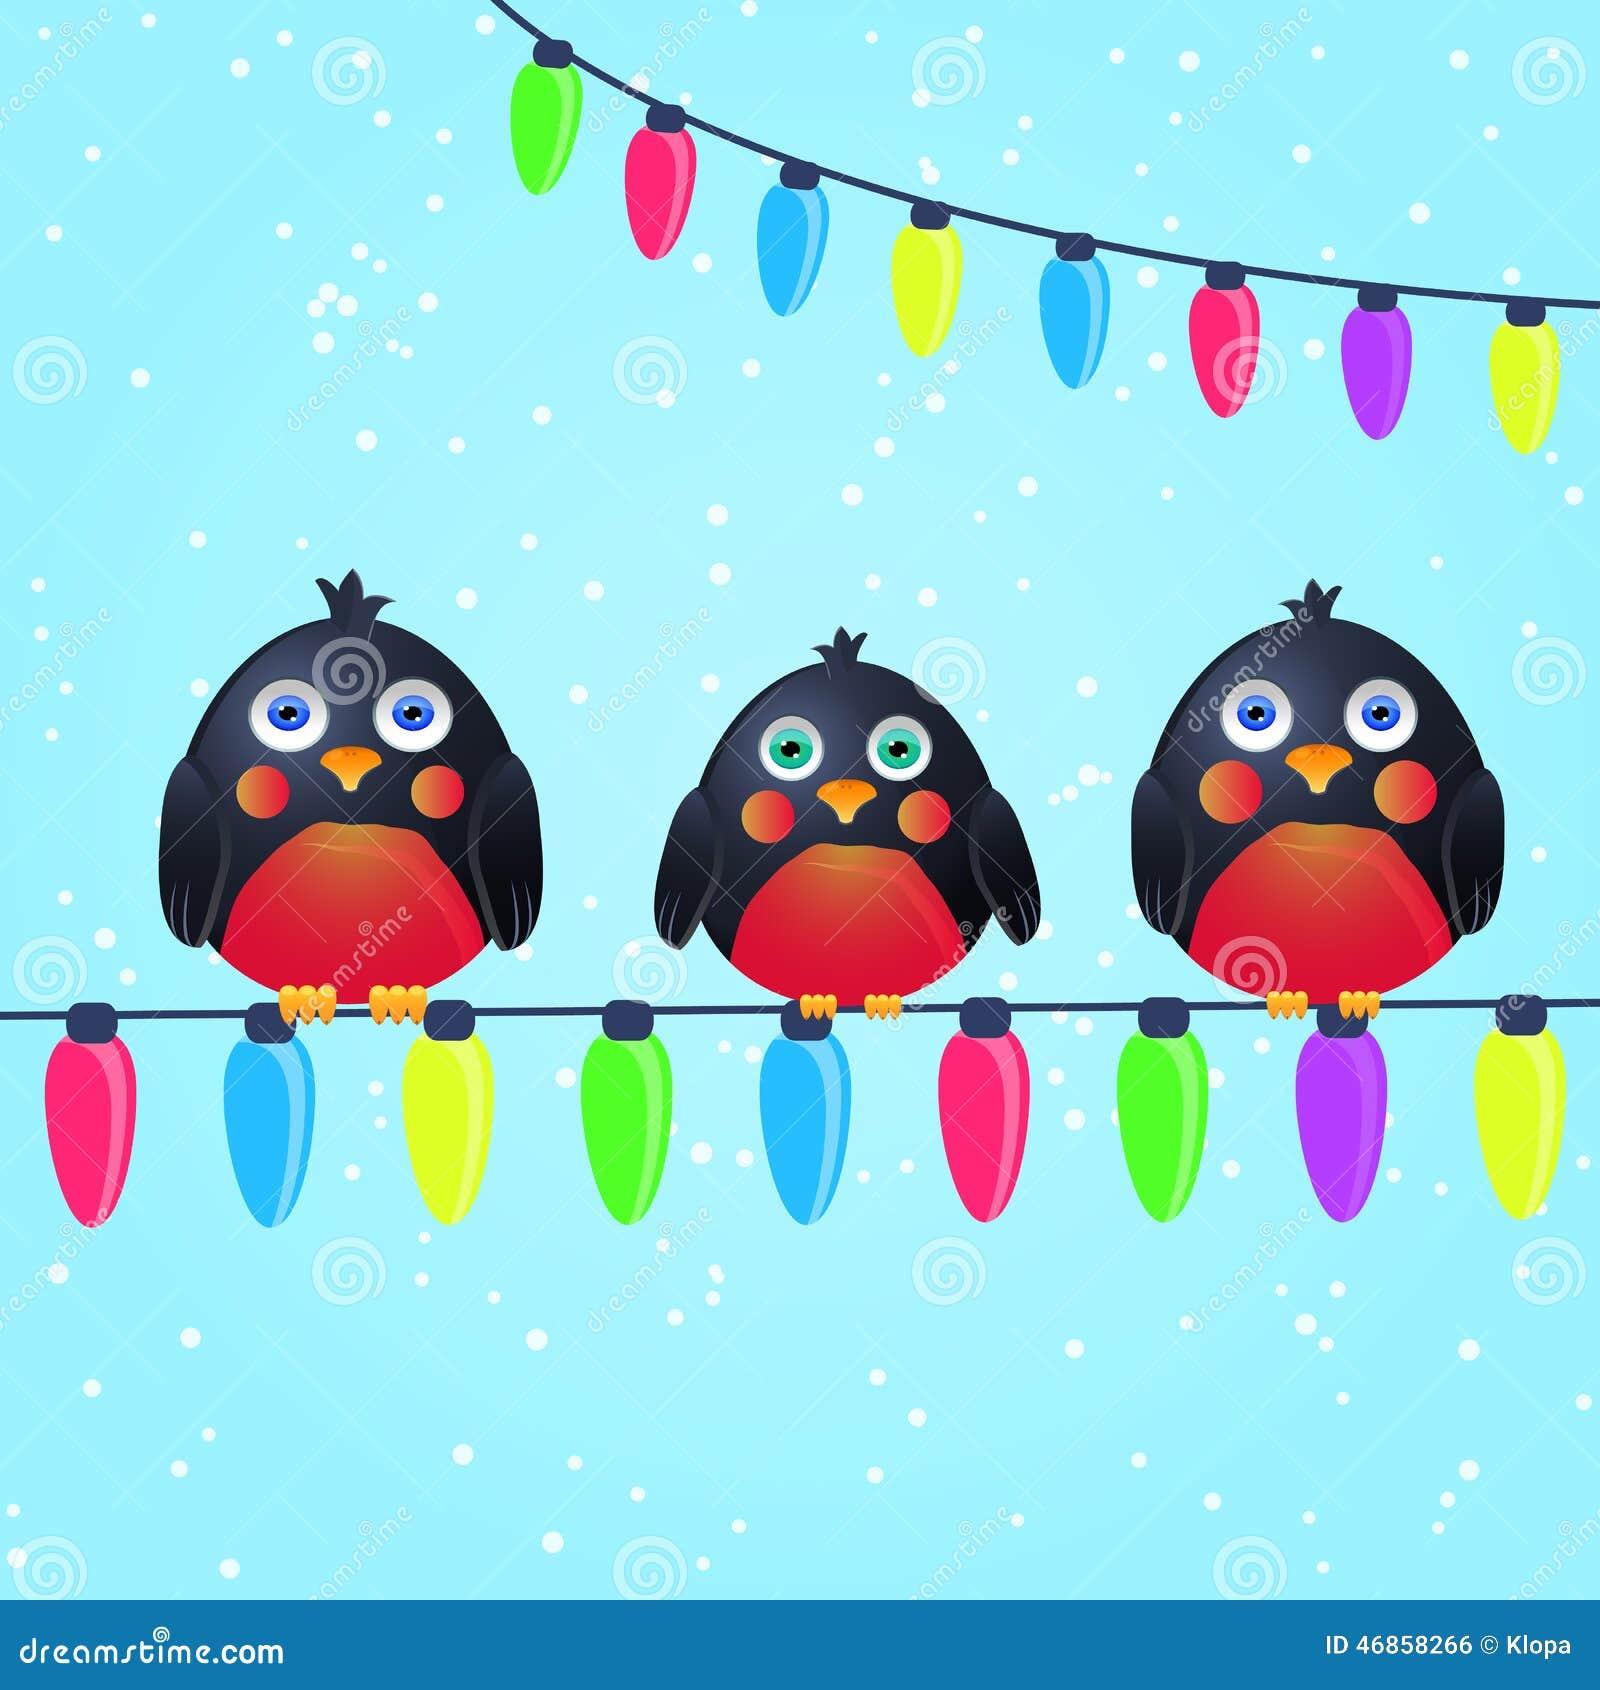 Cute birds on wire with christmas light bulbs stock vector